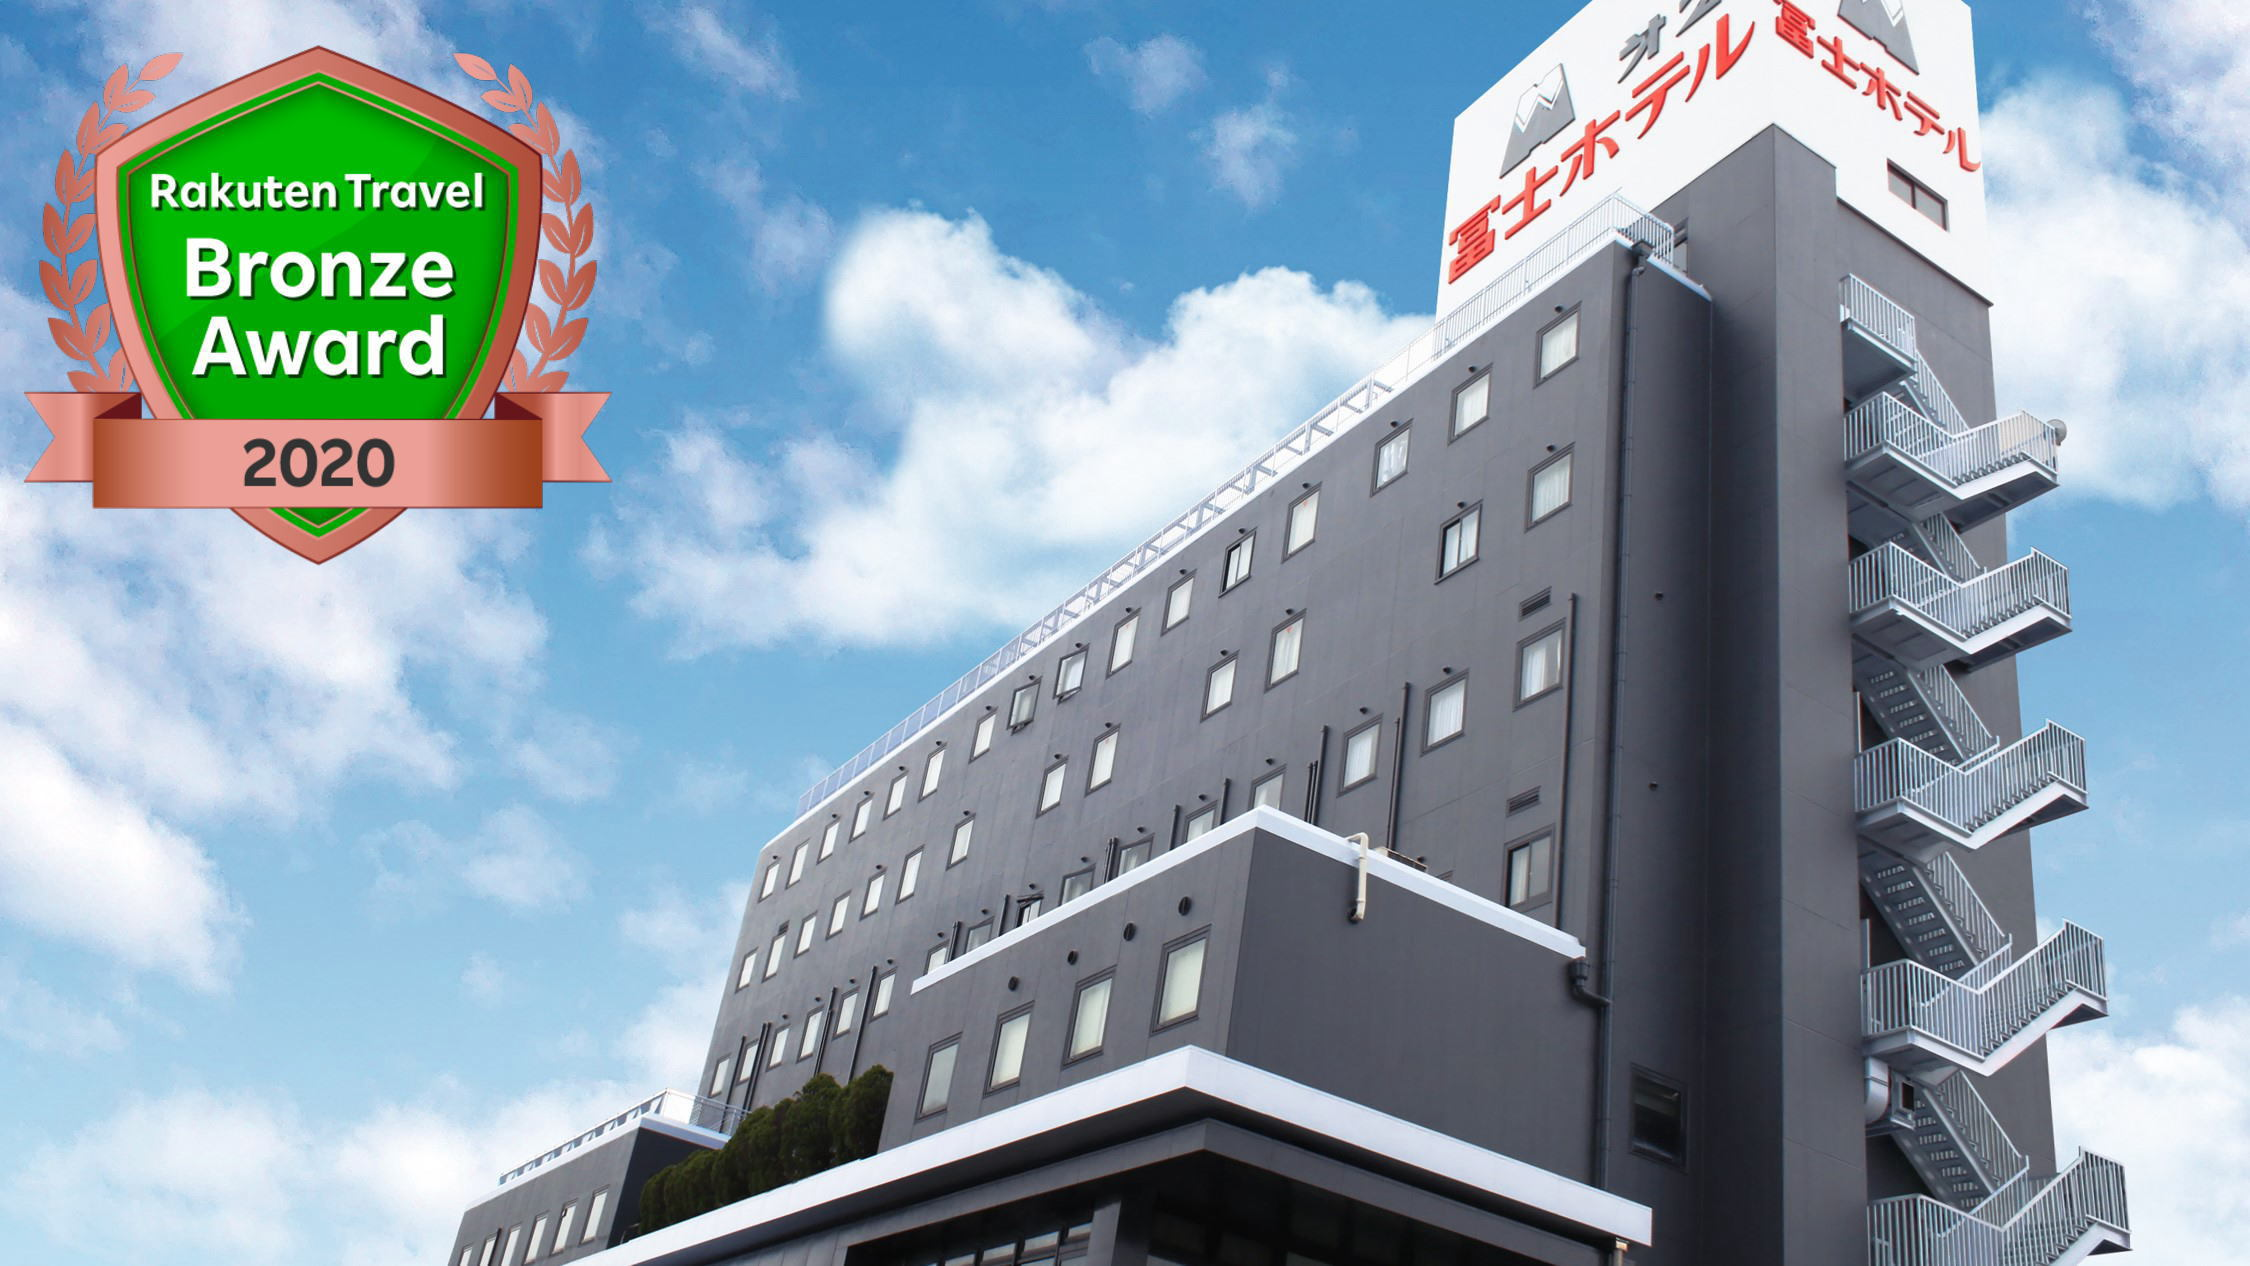 ワカヤマ第2冨士ホテル image